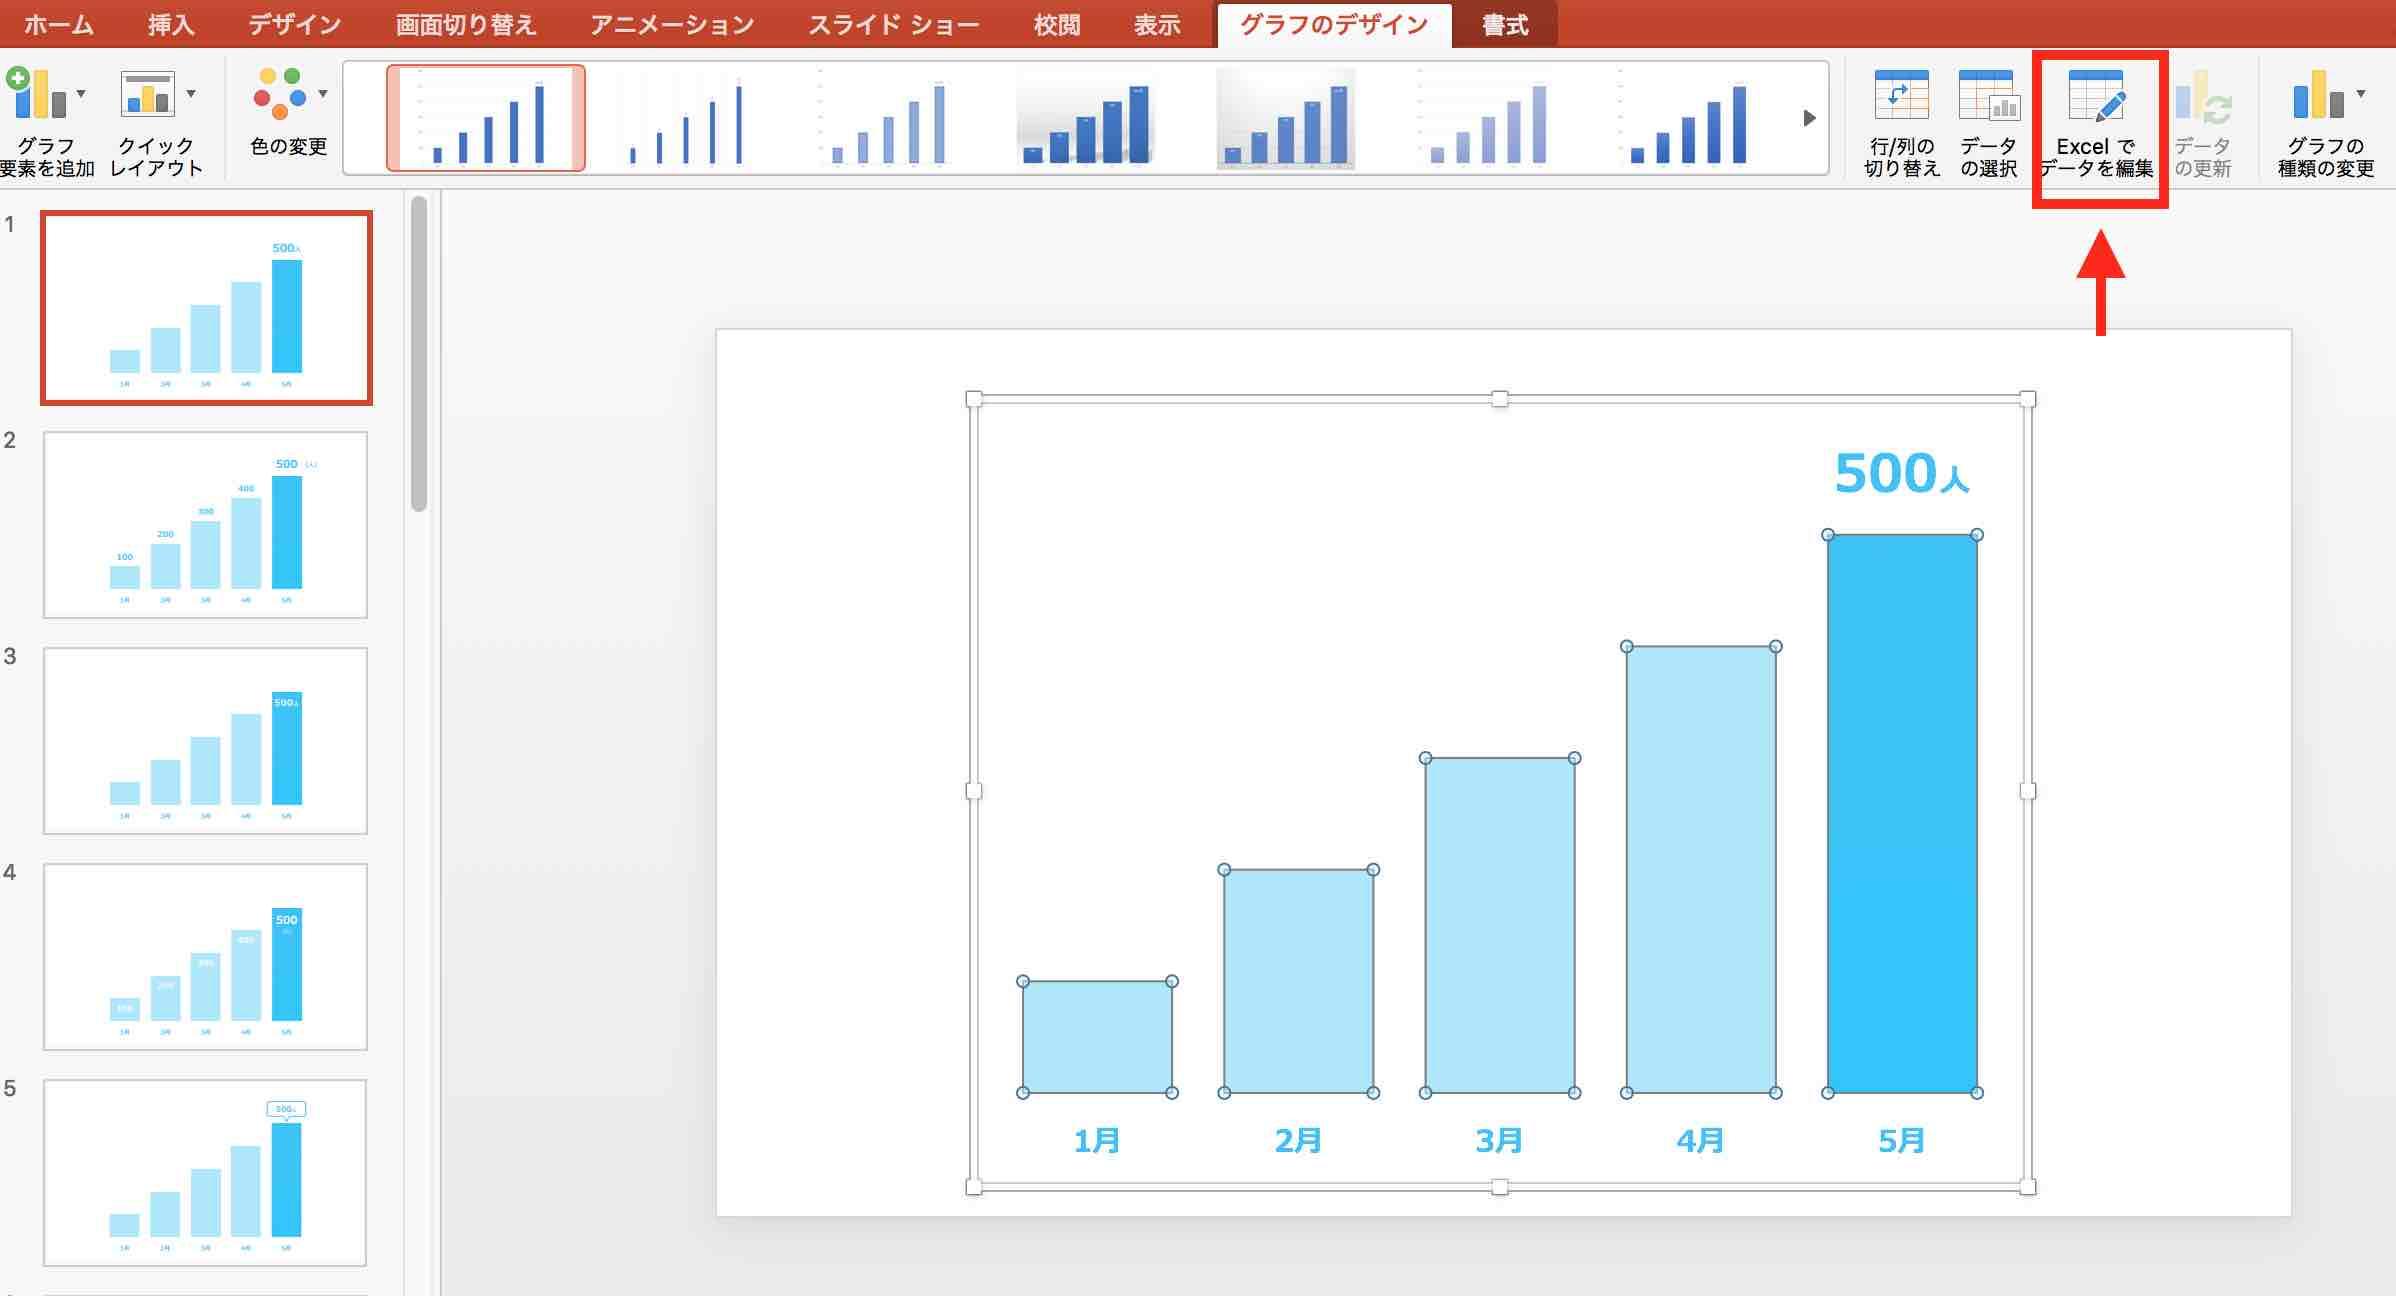 Excelでデータを編集を選択